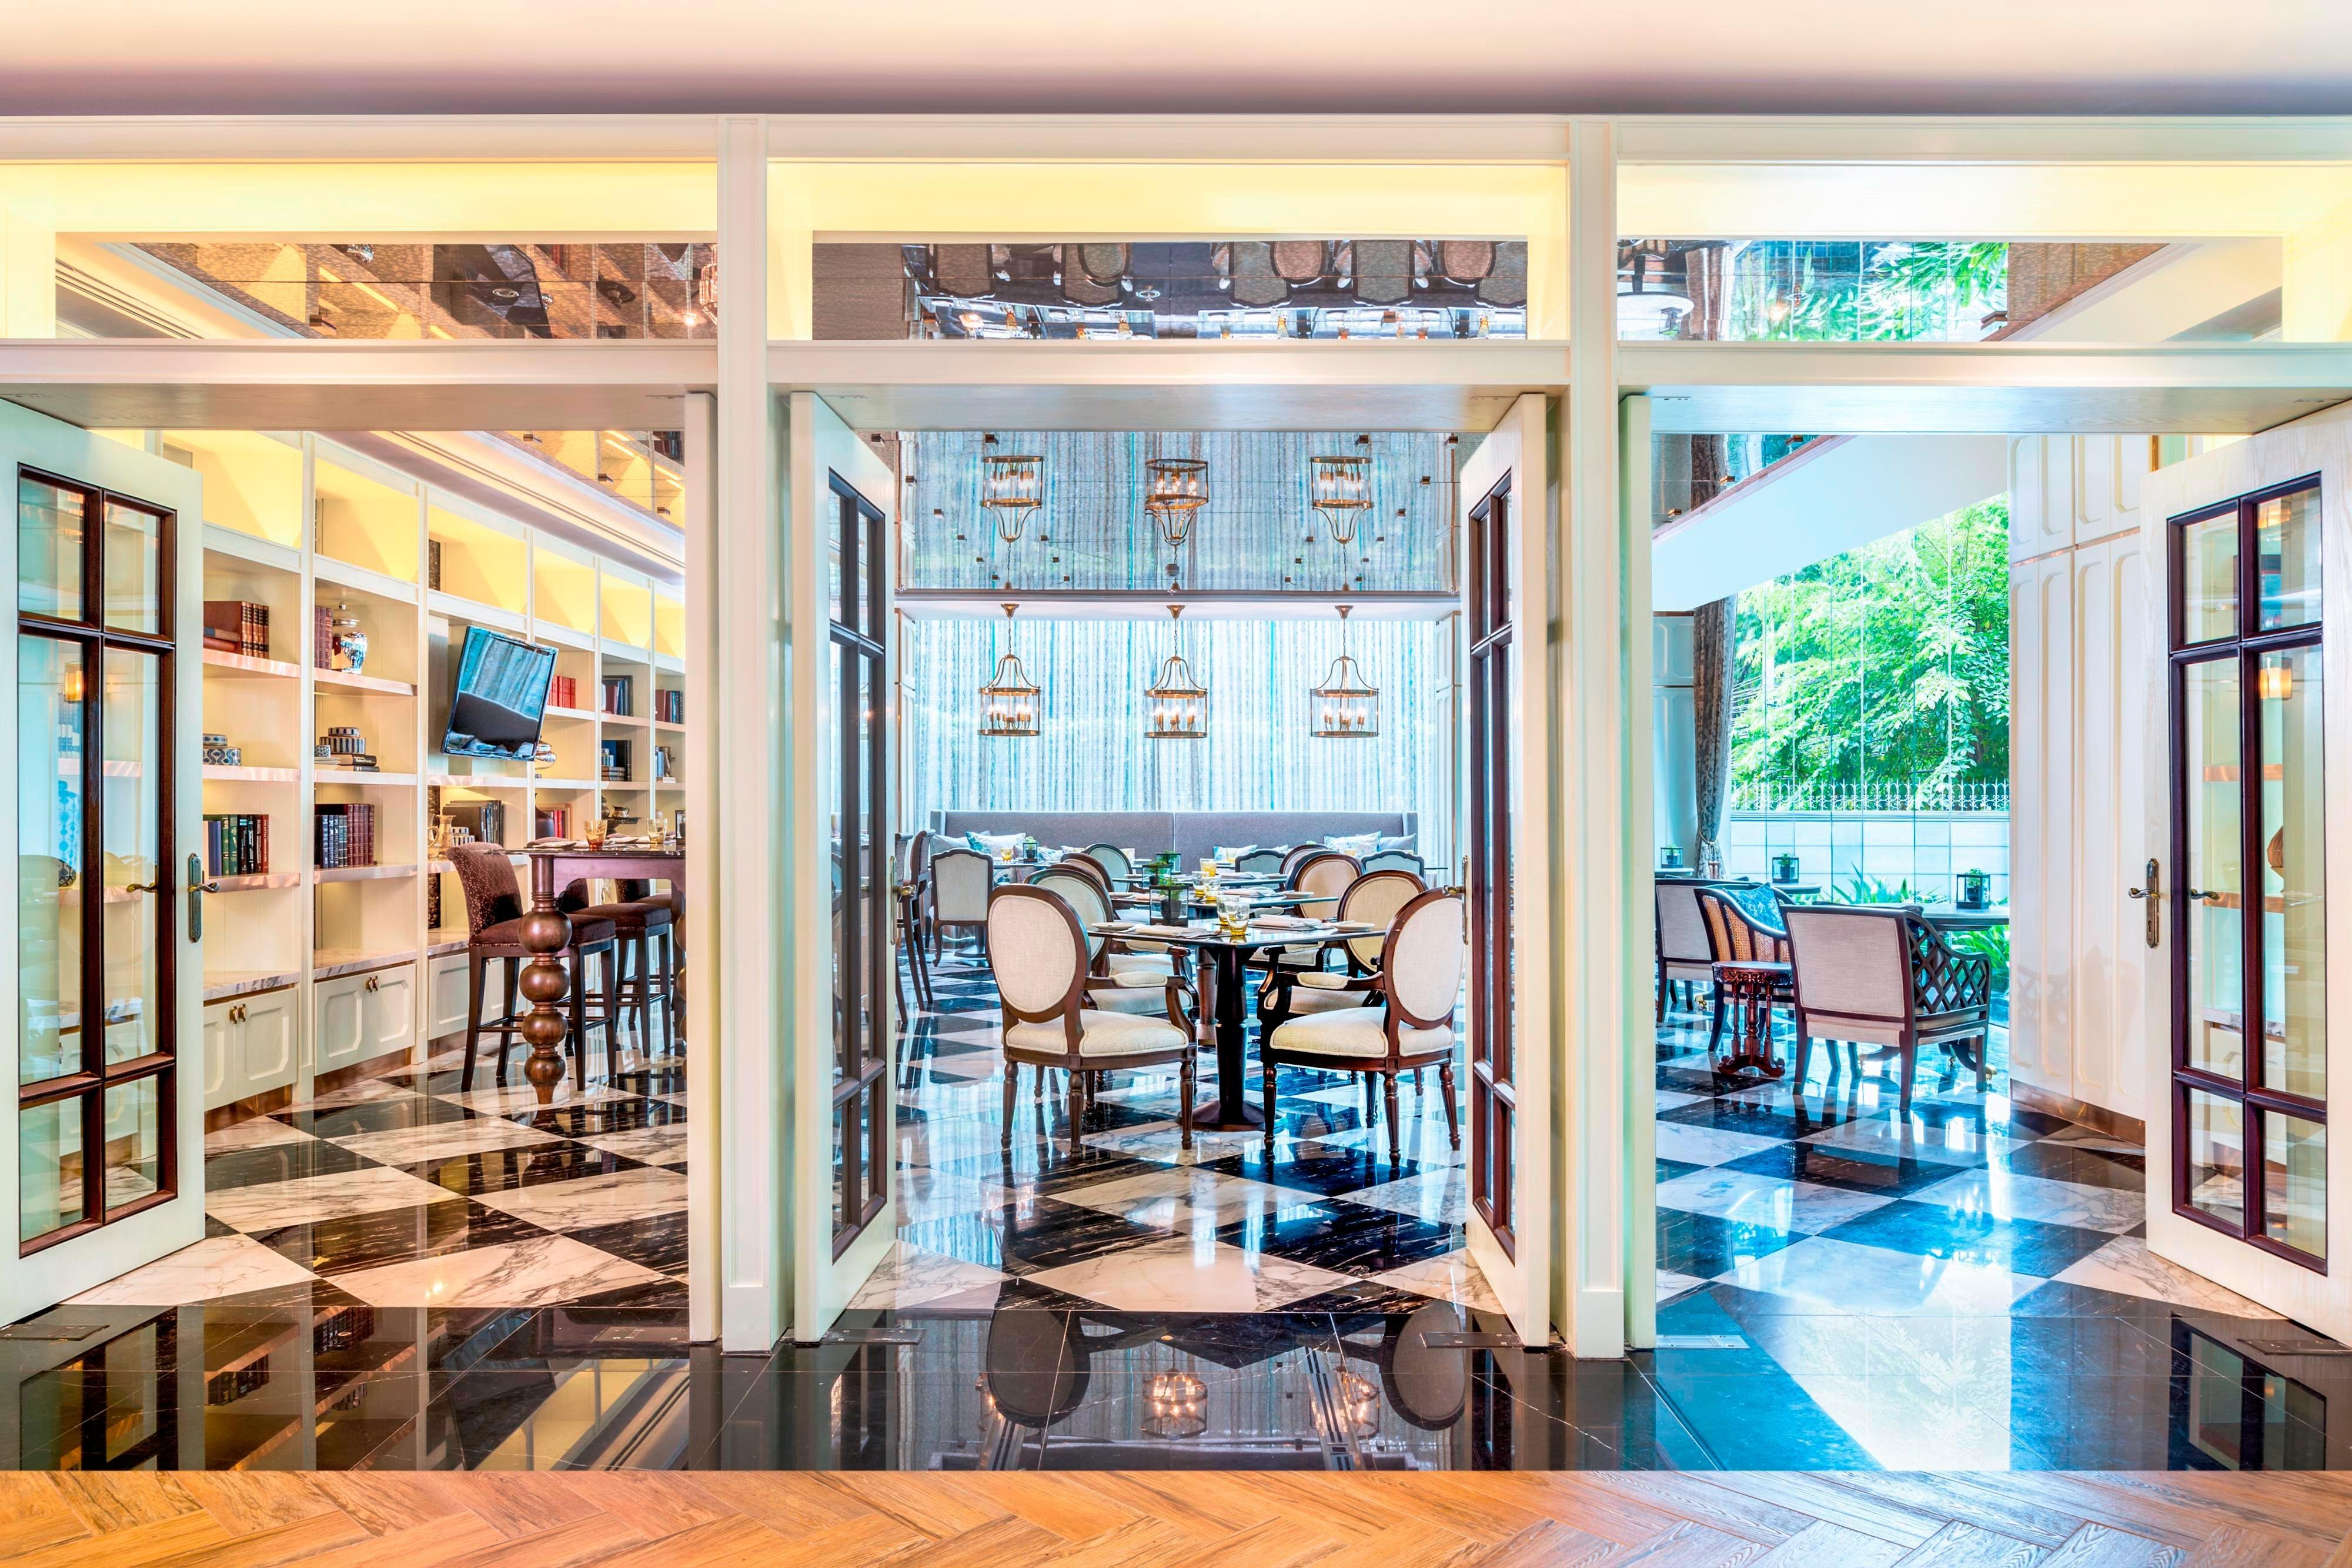 The Rain Tree Cafe - Valaya Room